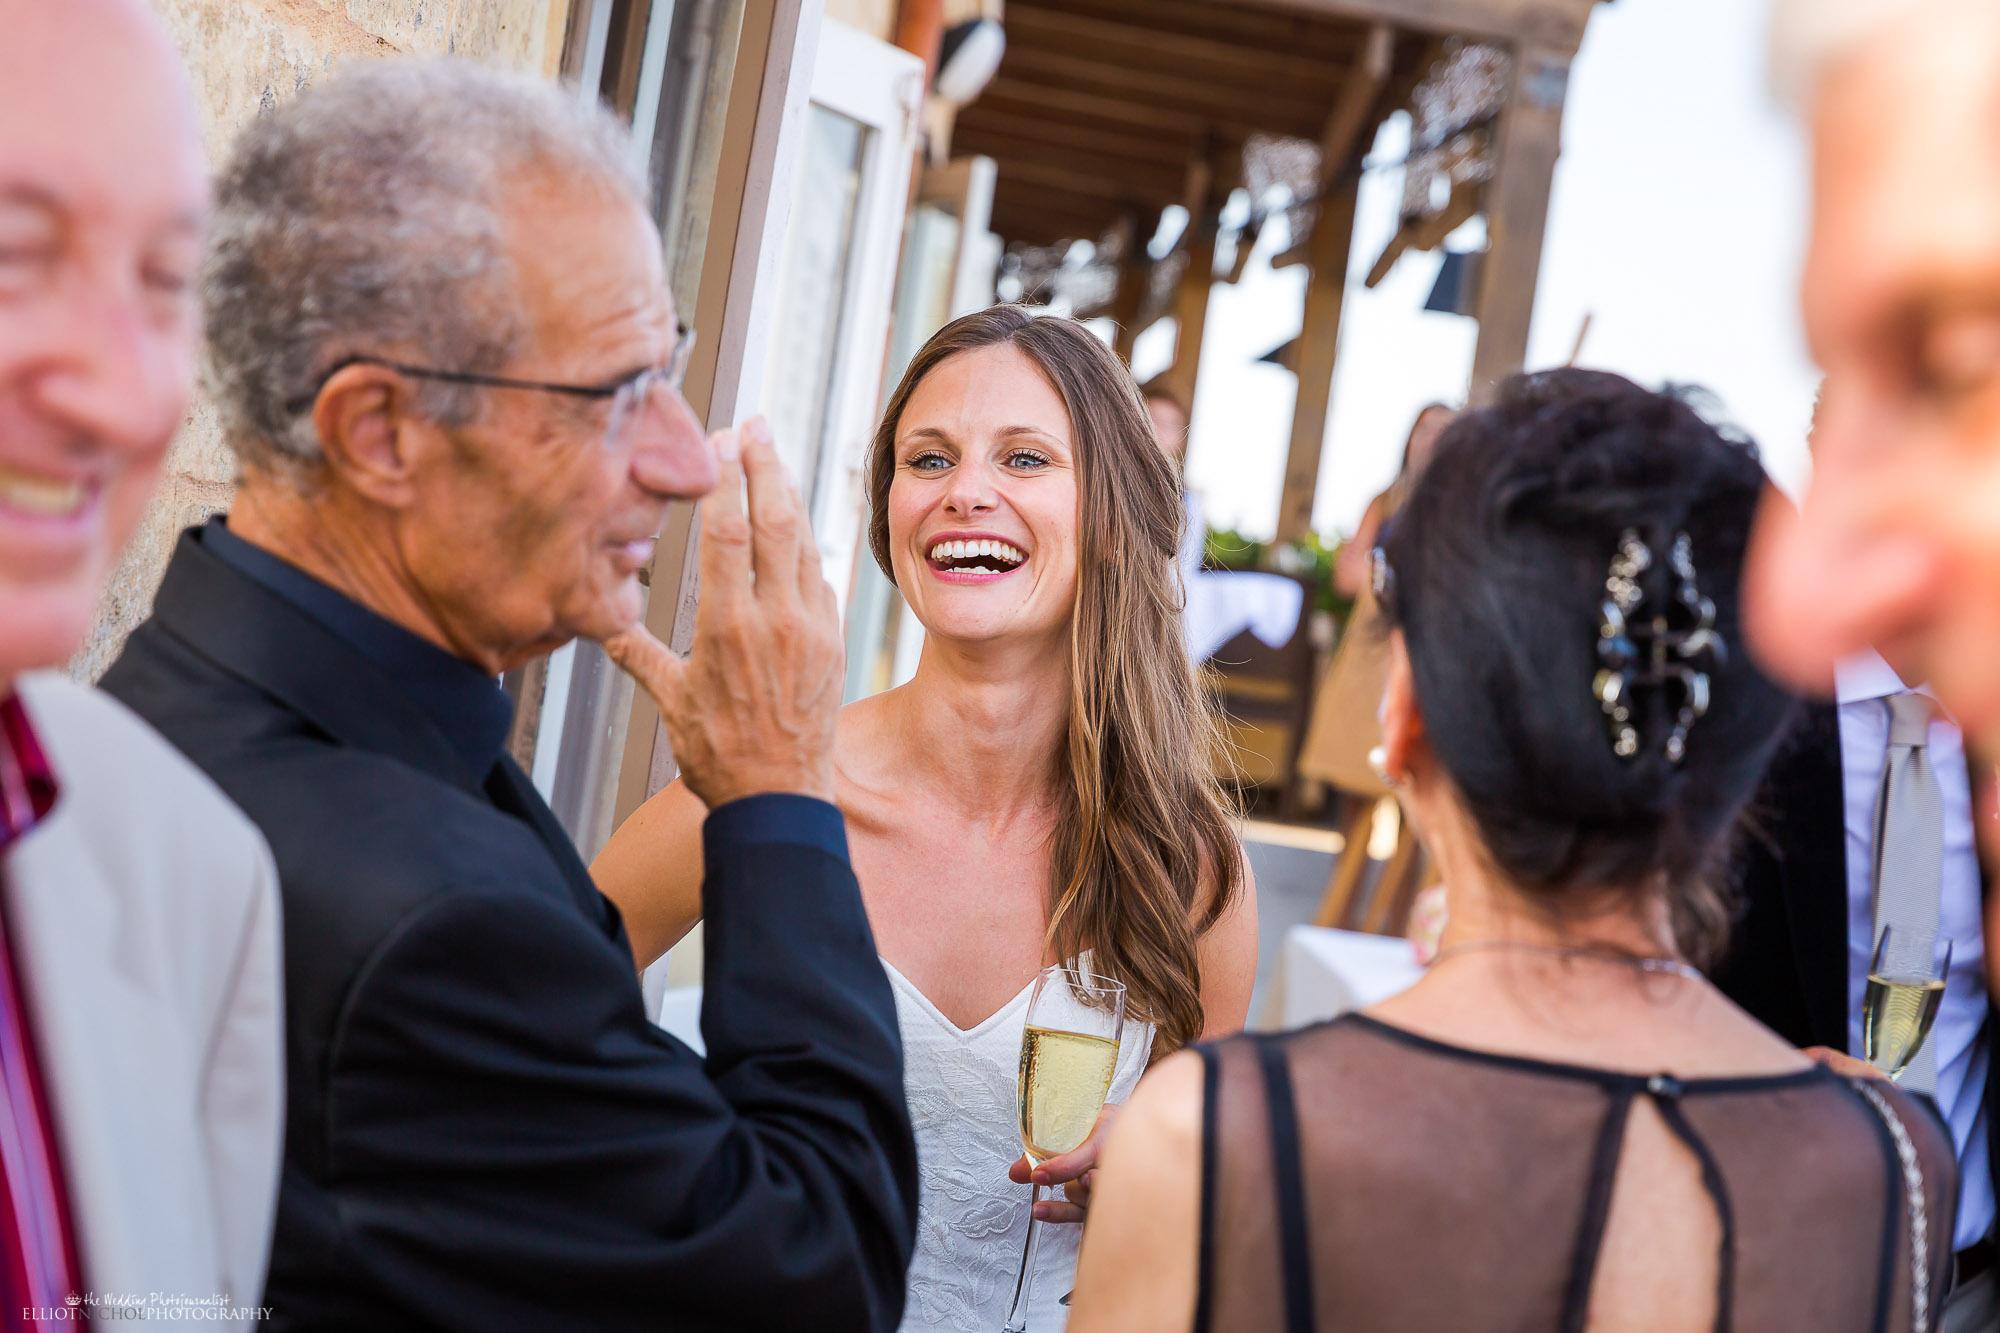 bride-happy-wedding-reception-photography